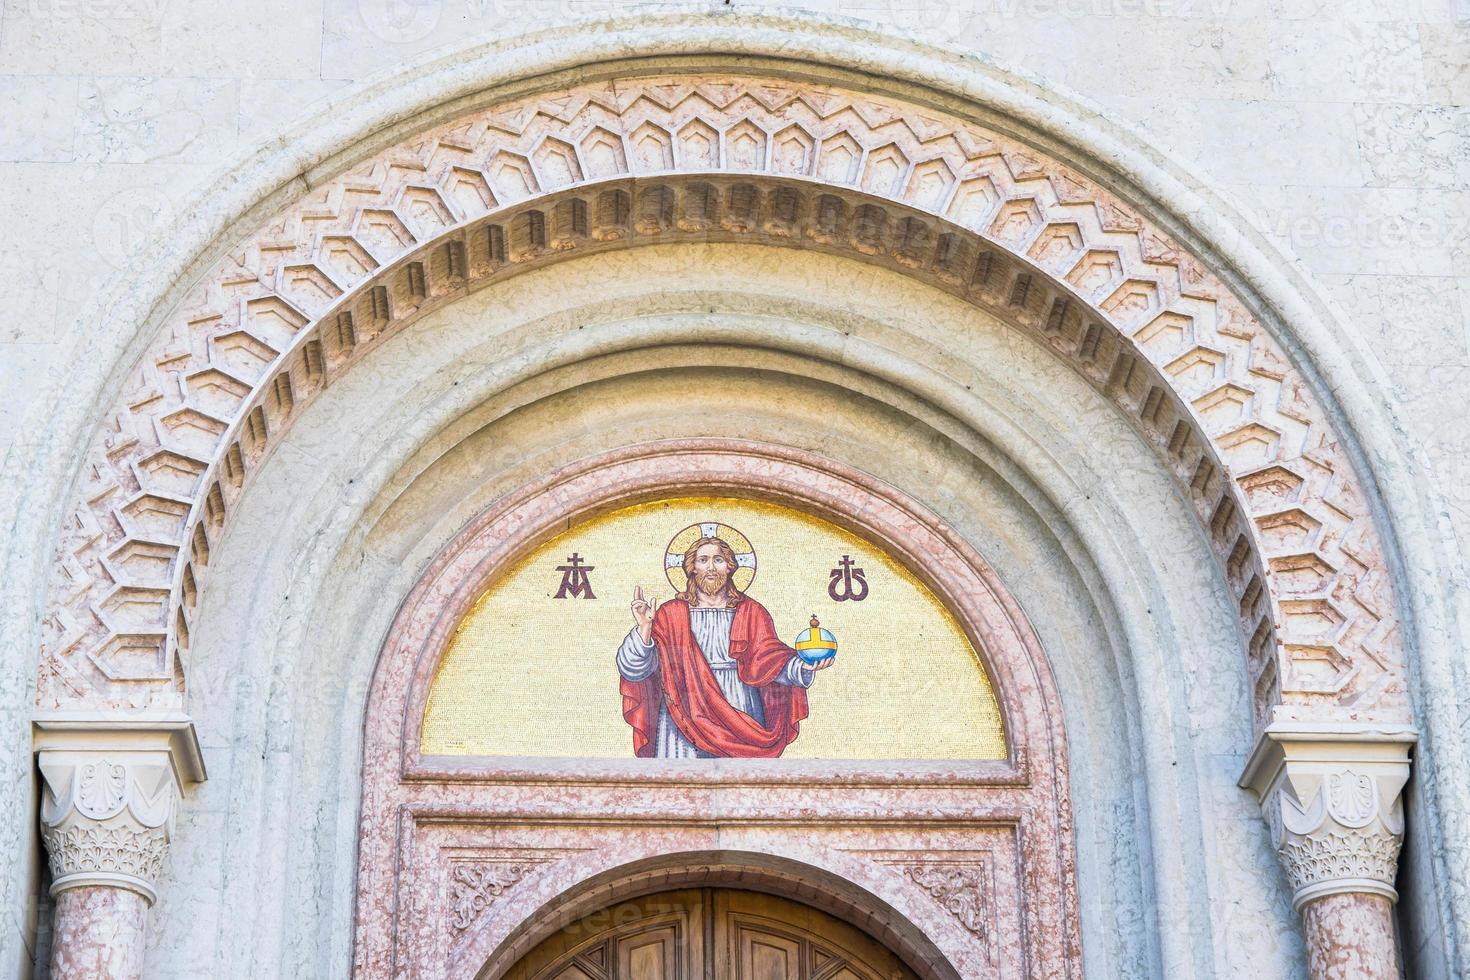 guds bild mosaik ovanför dörren till en kyrka. foto